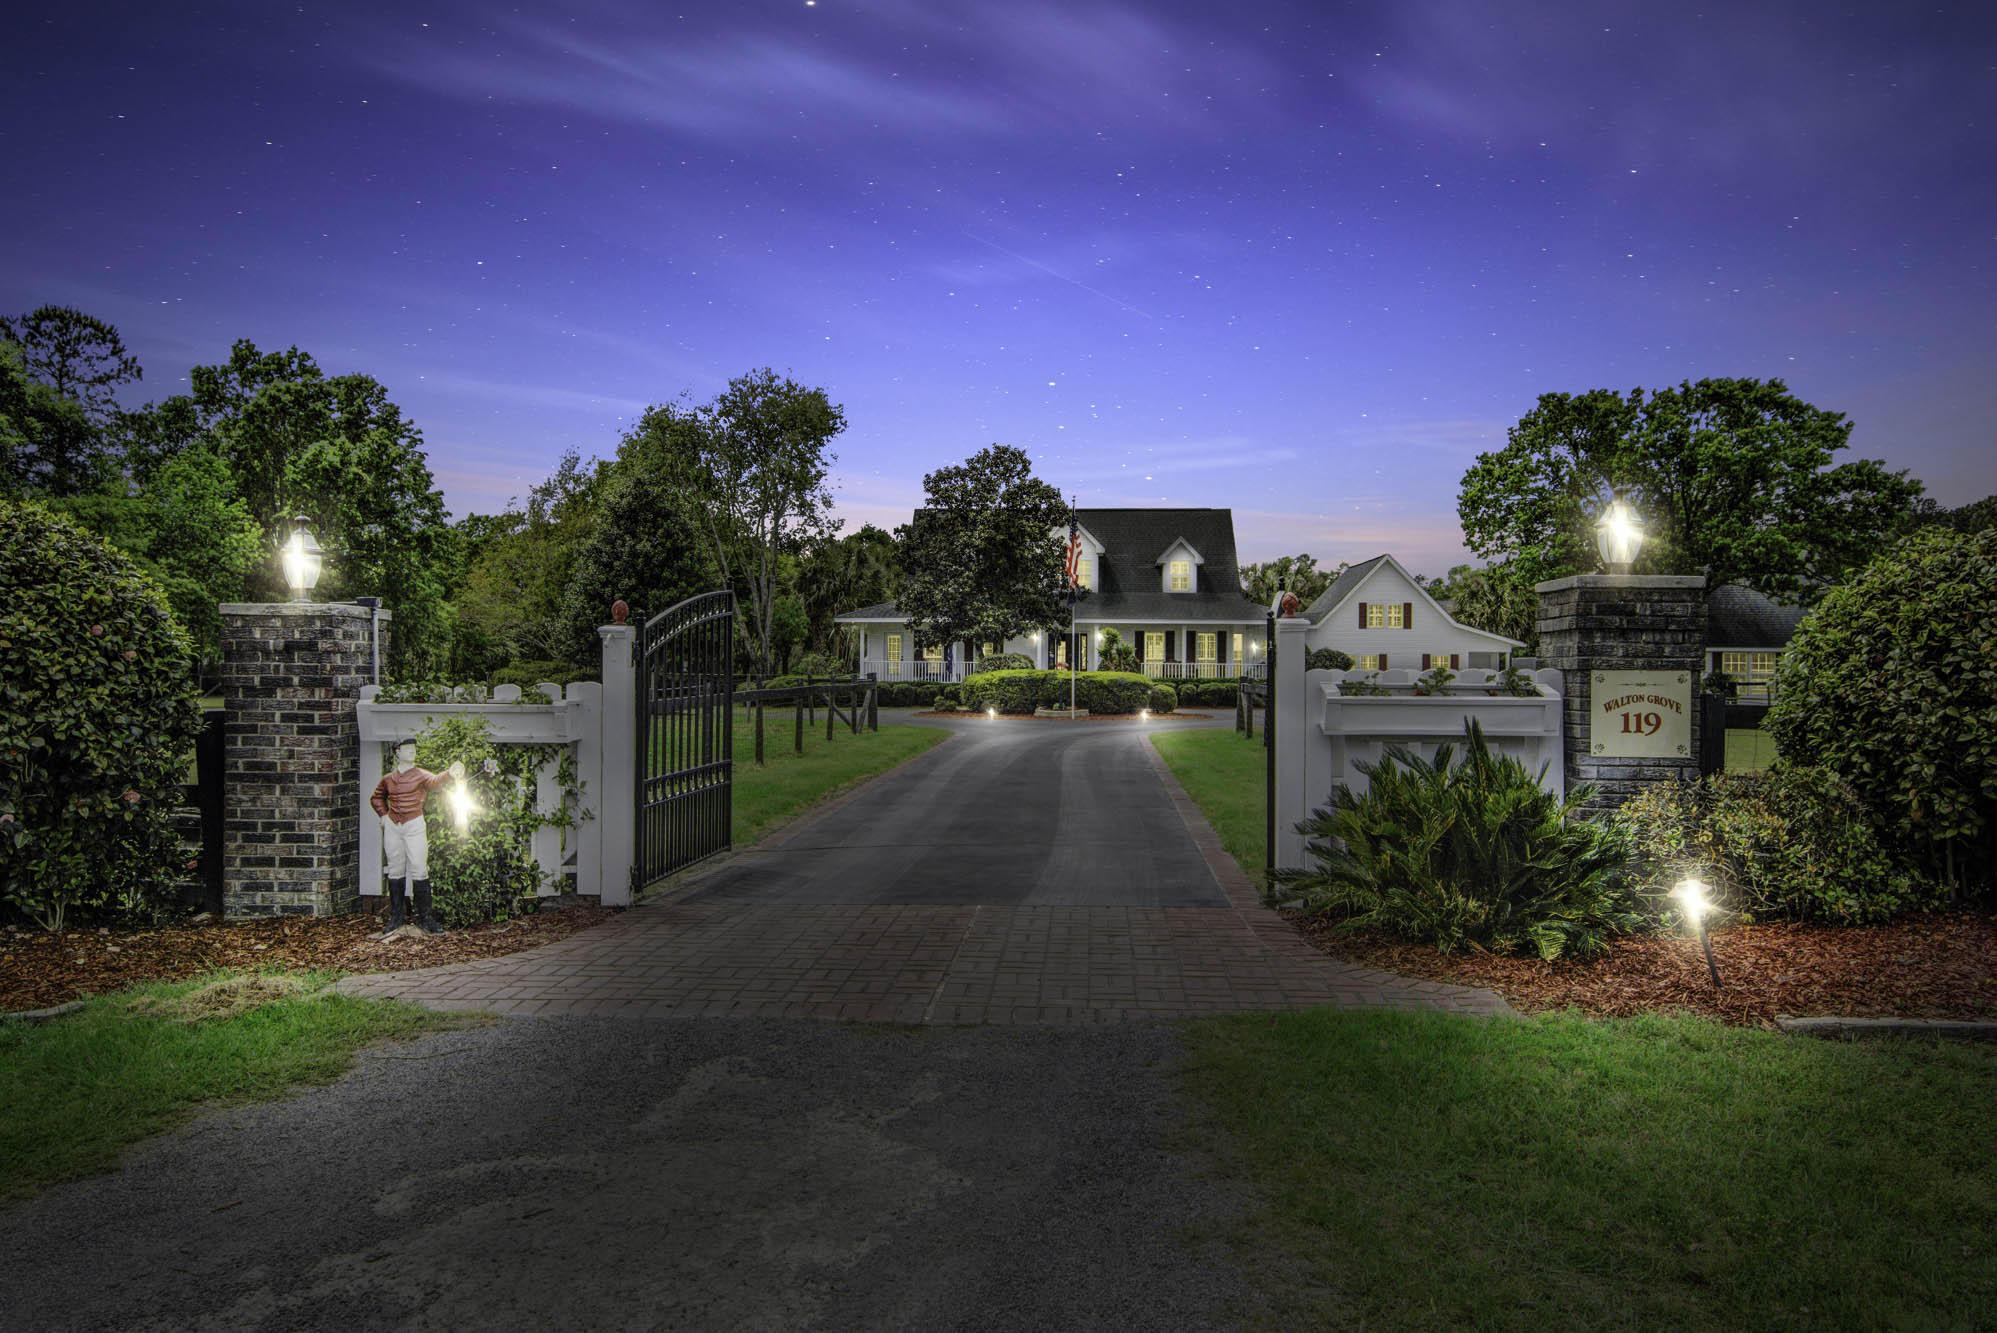 Walton Grove Homes For Sale - 119 Walton Grove, Summerville, SC - 24